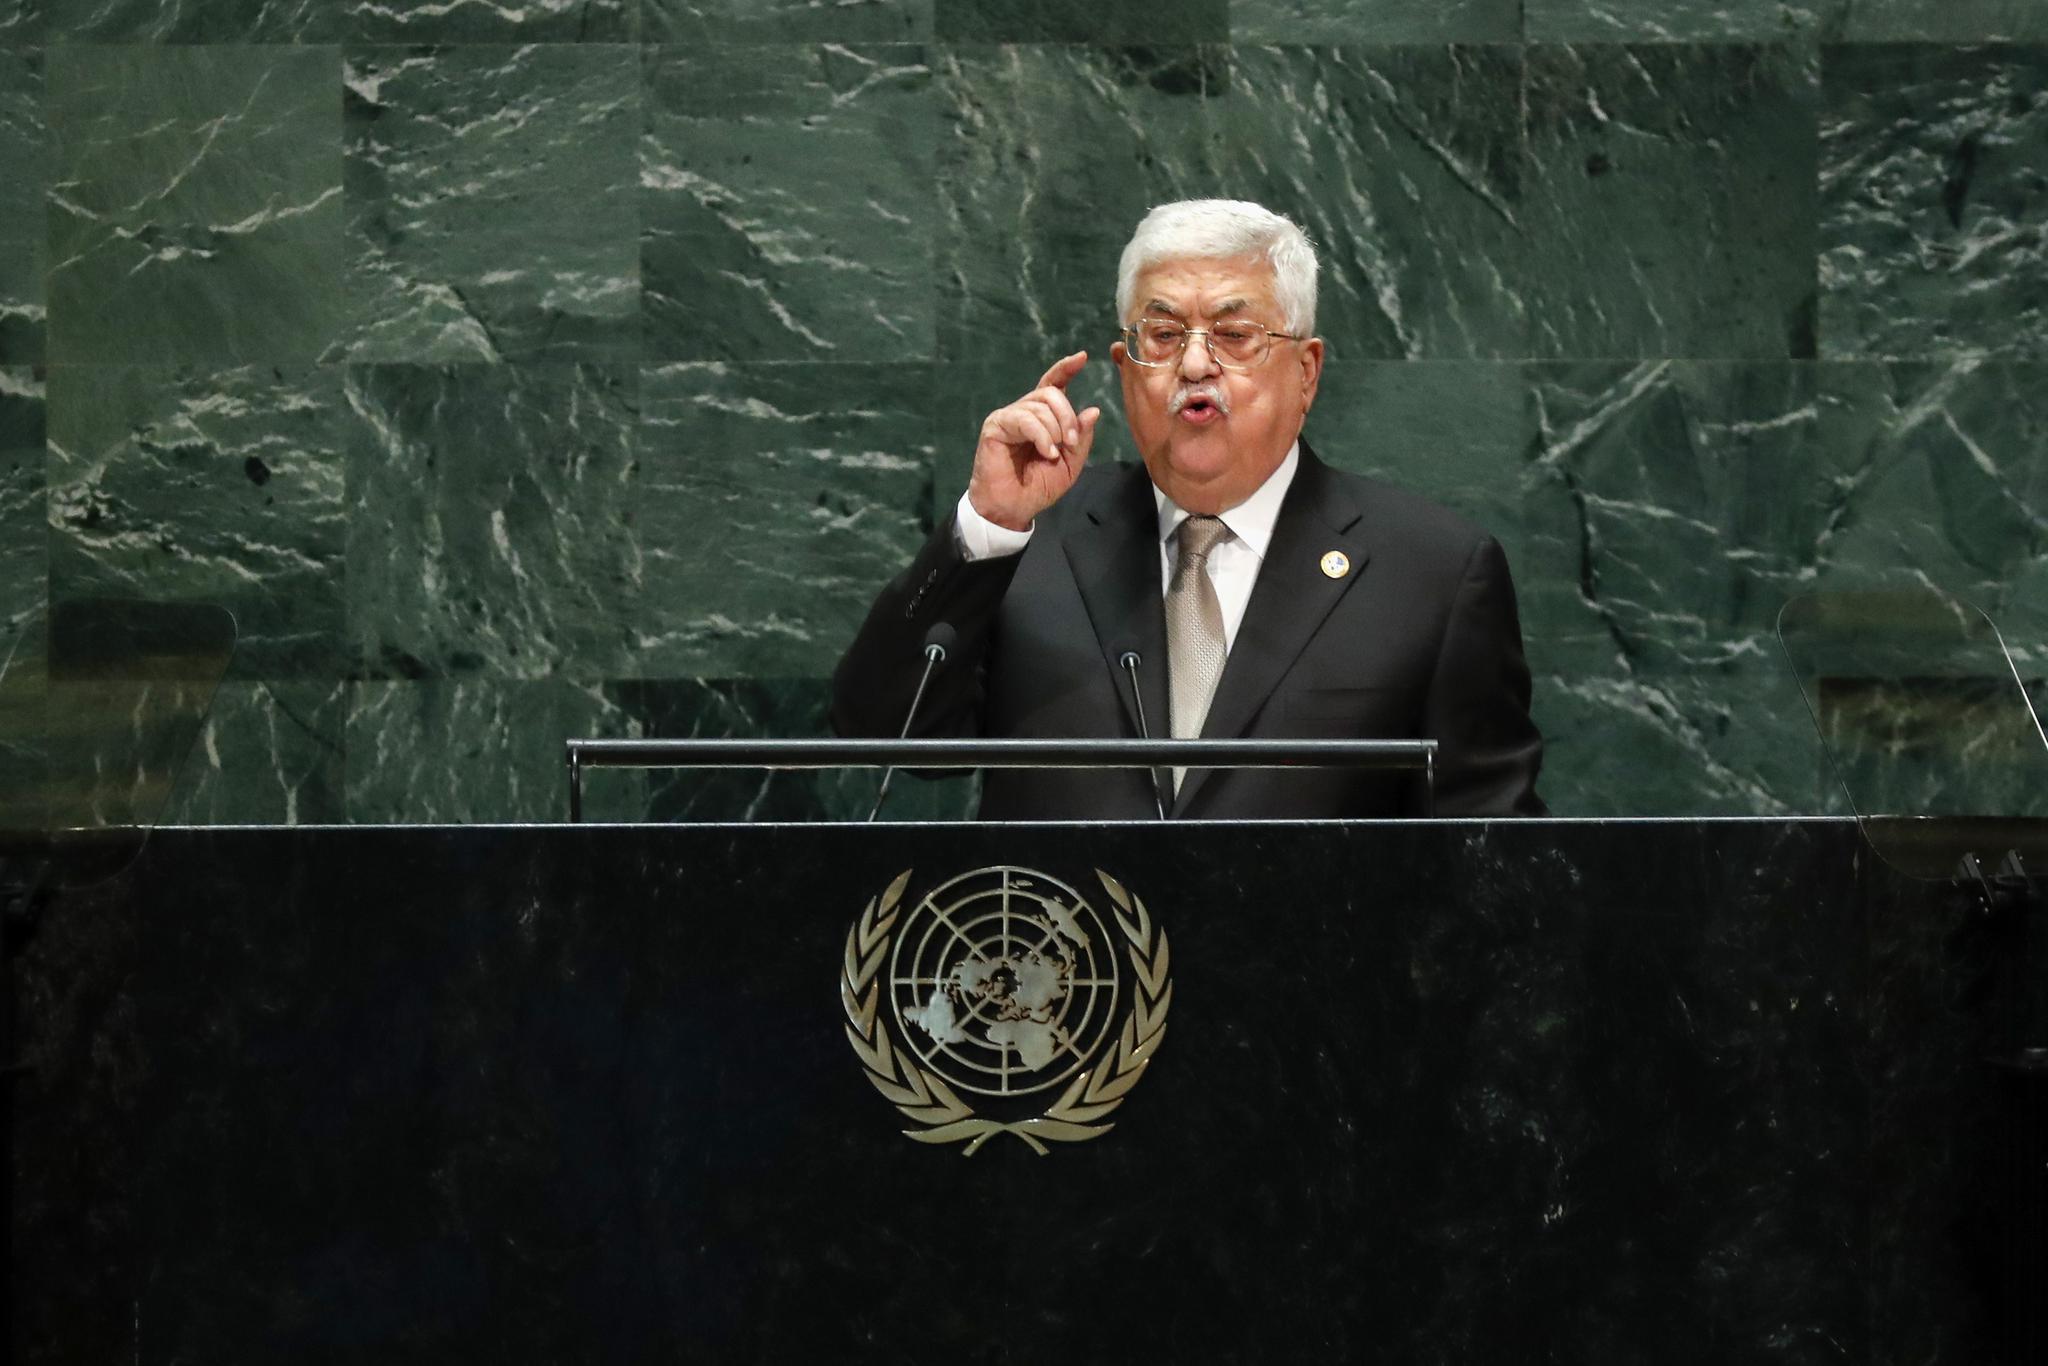 阿巴斯对以色列扩建定居点发出警告